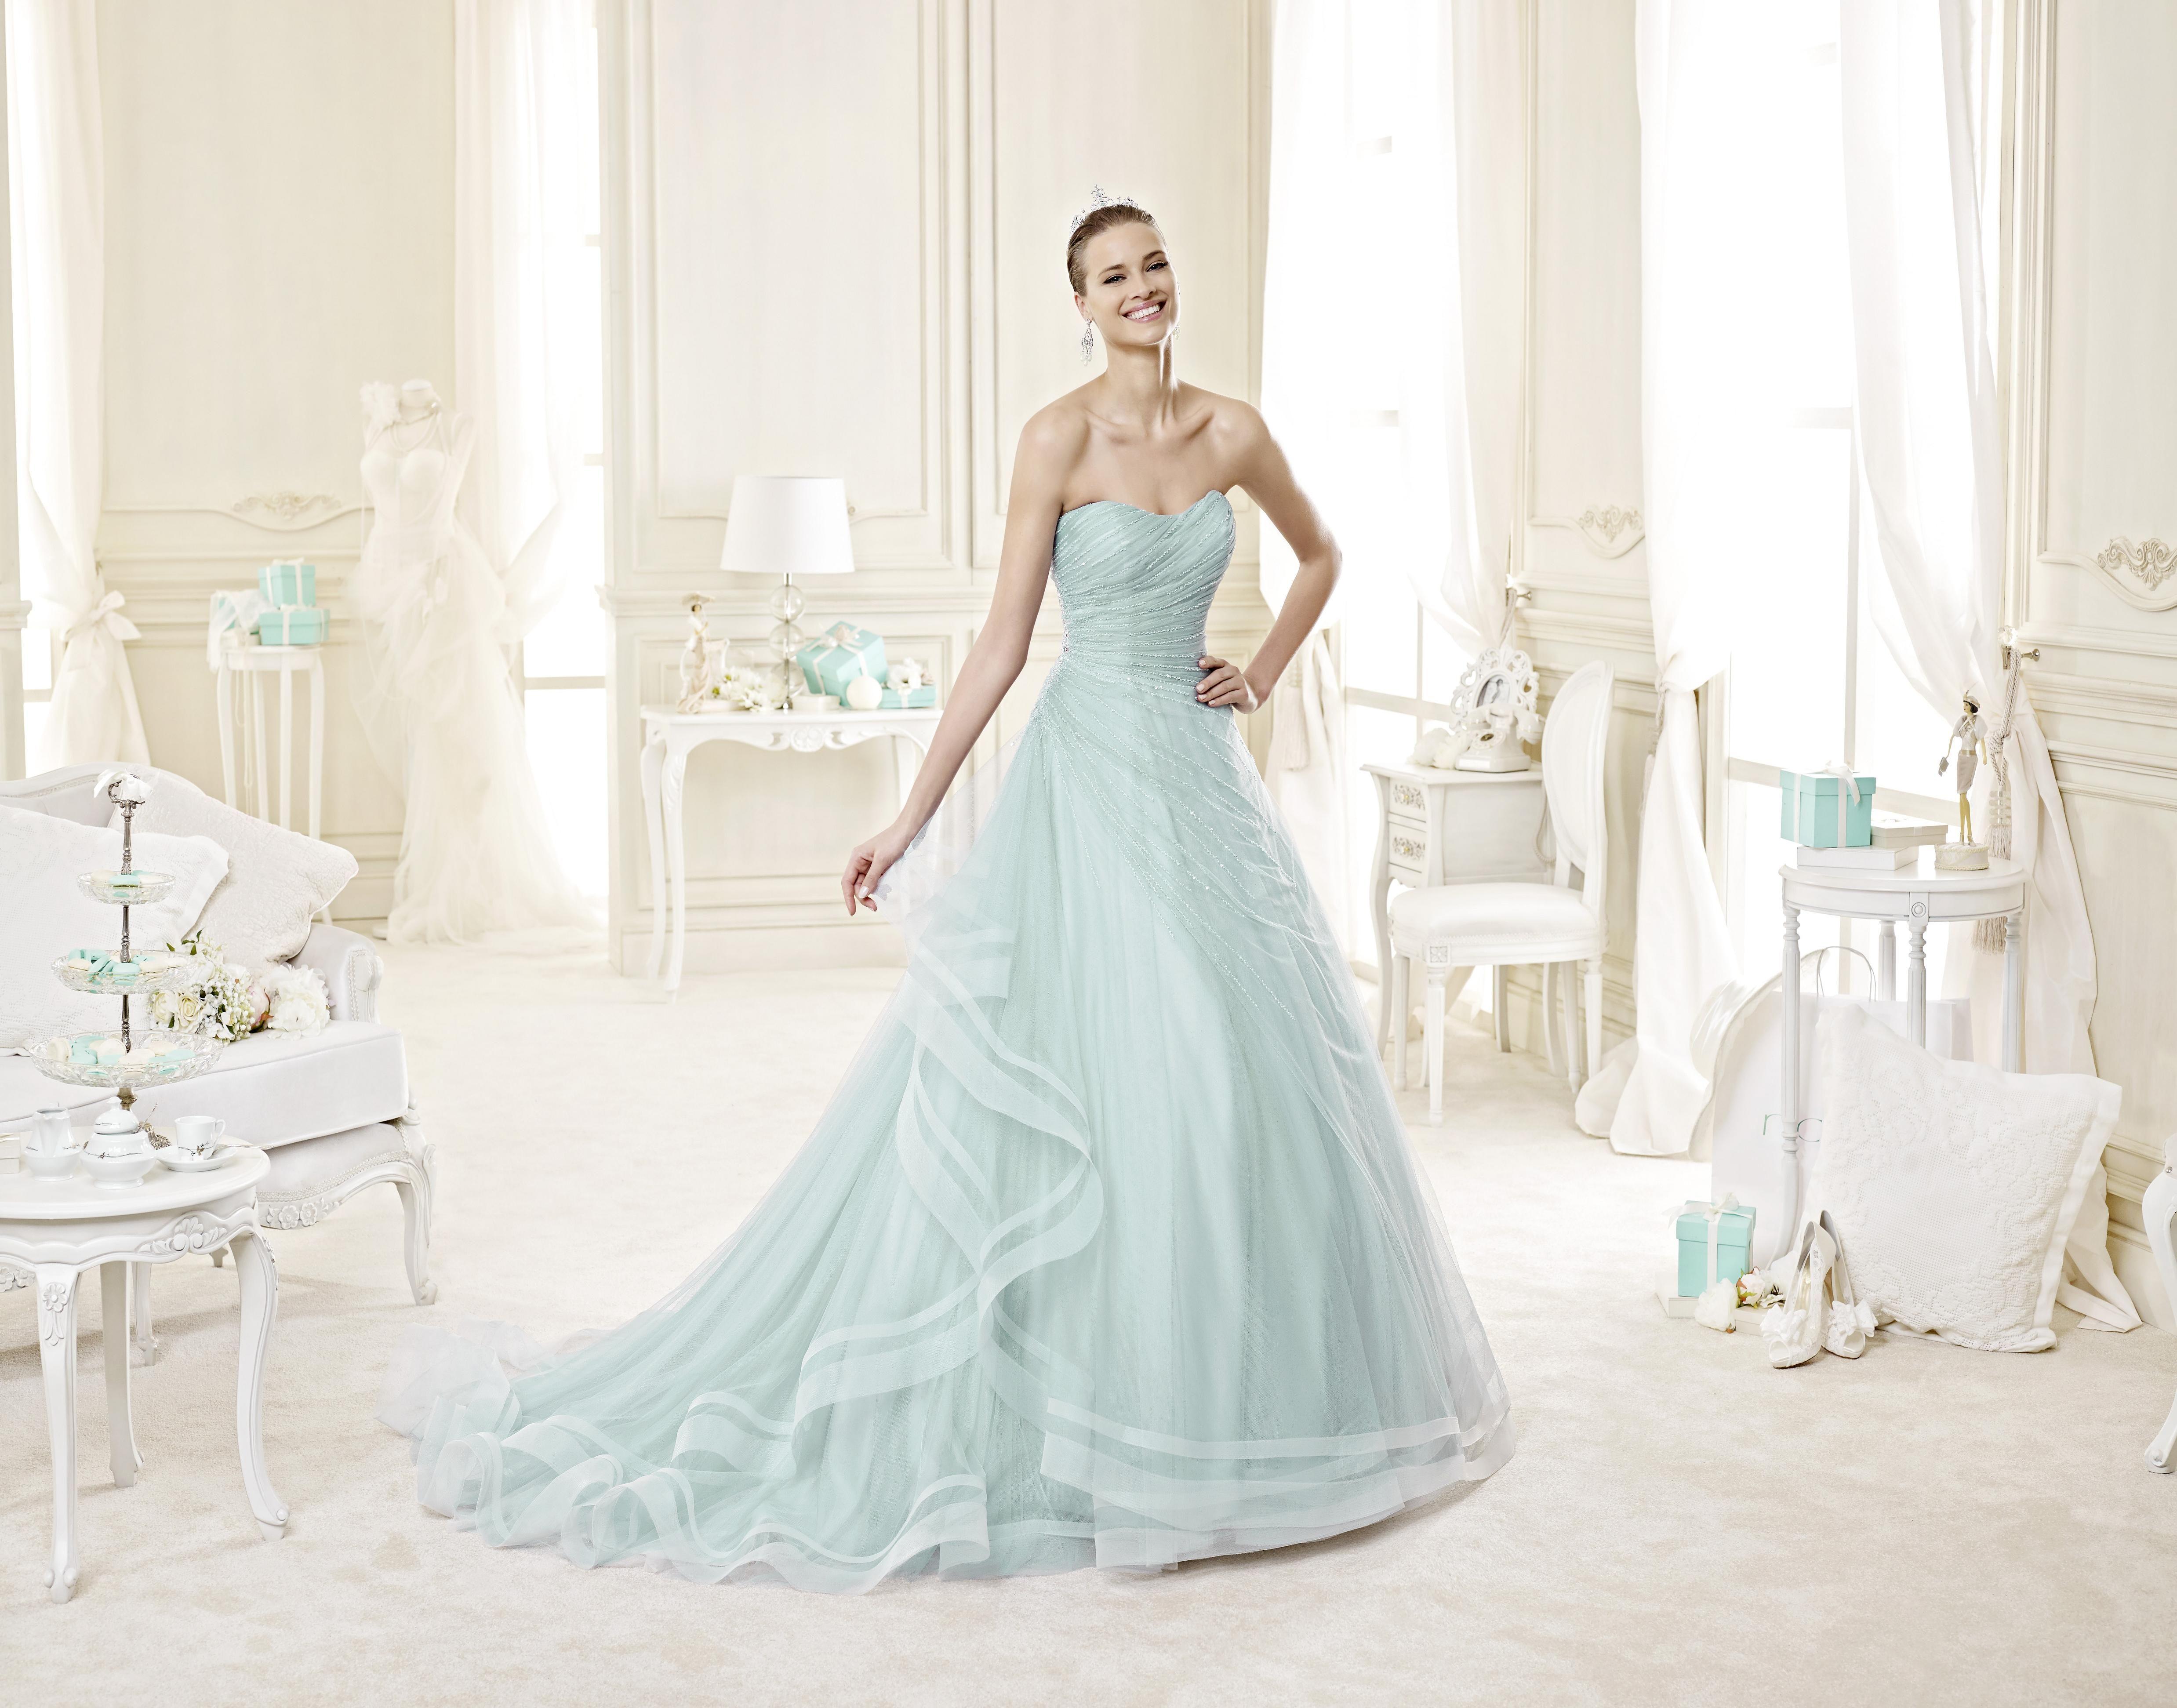 E se l\u0027abito da sposa fosse color azzurro tiffany? abitodasposa